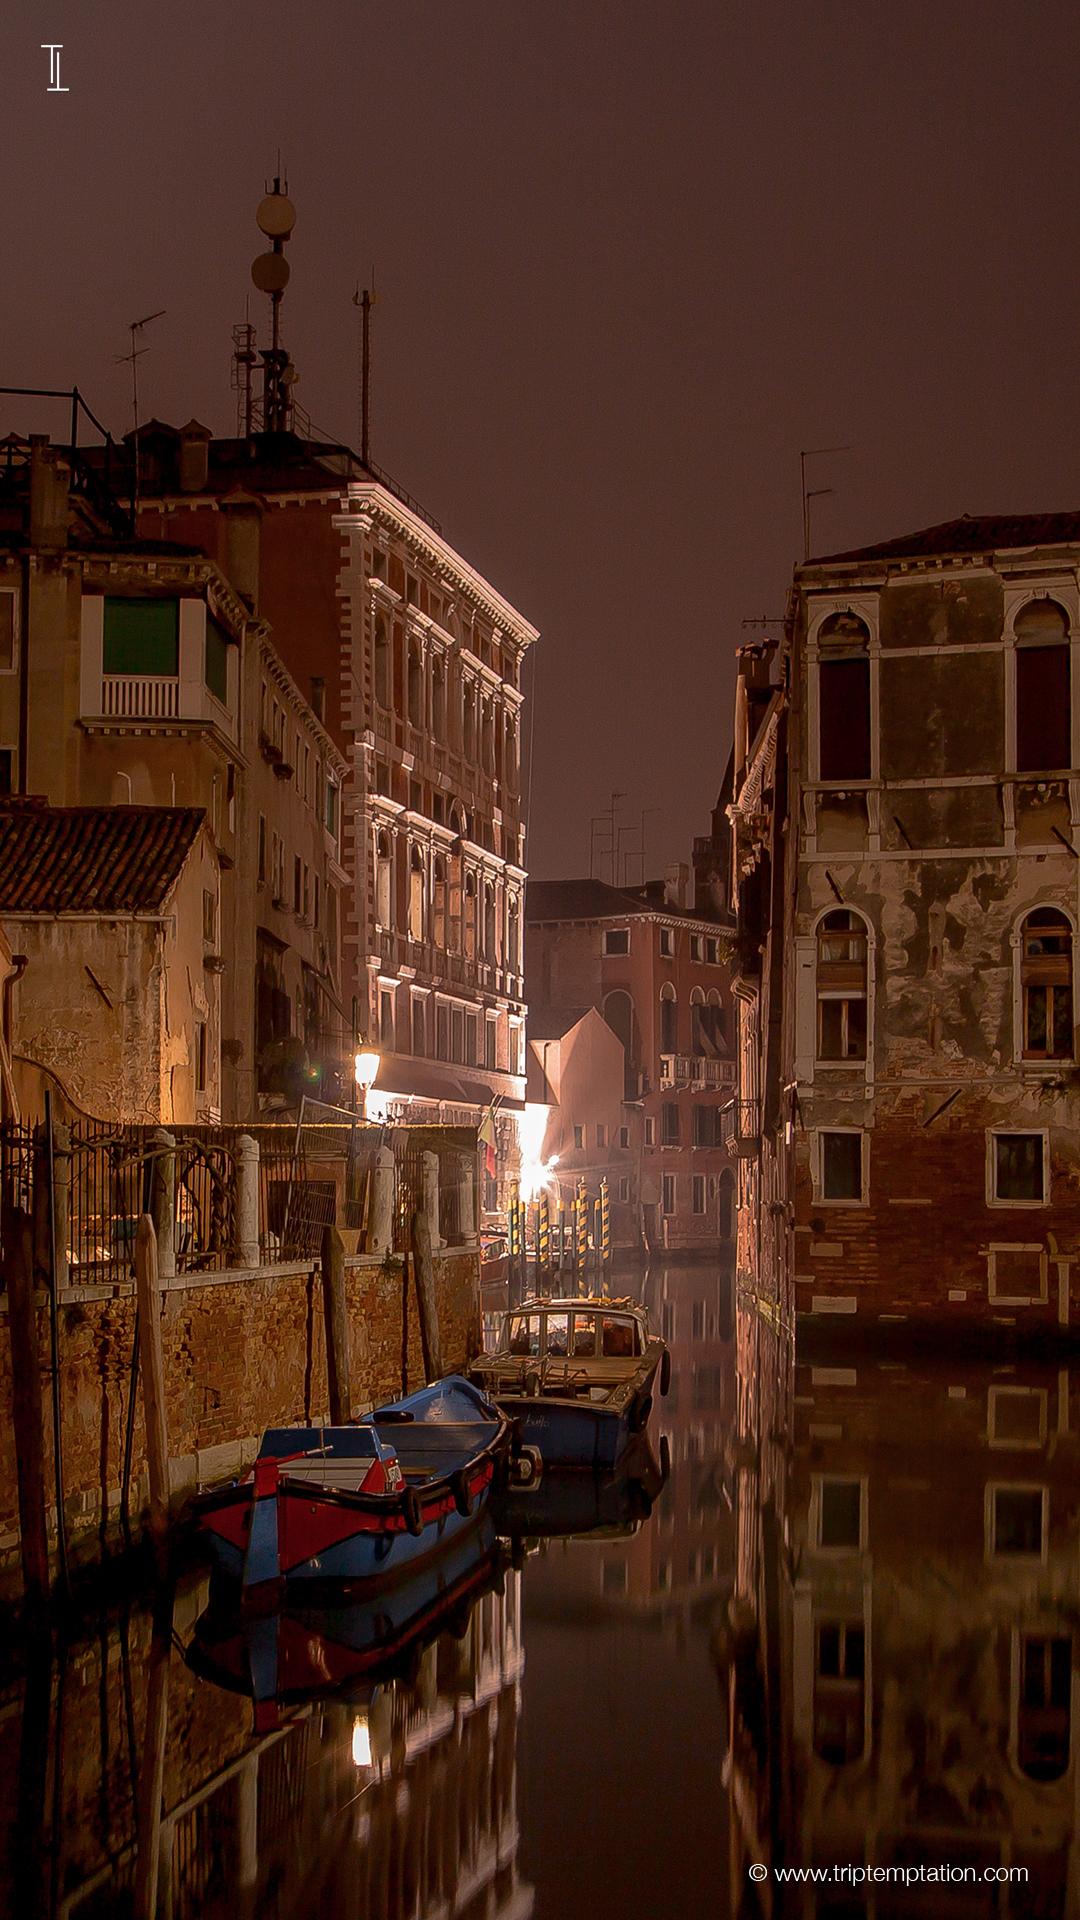 Venice Wallpaper 1080x1920 Night Walk Jpg HD Wallpaper 1080x1920